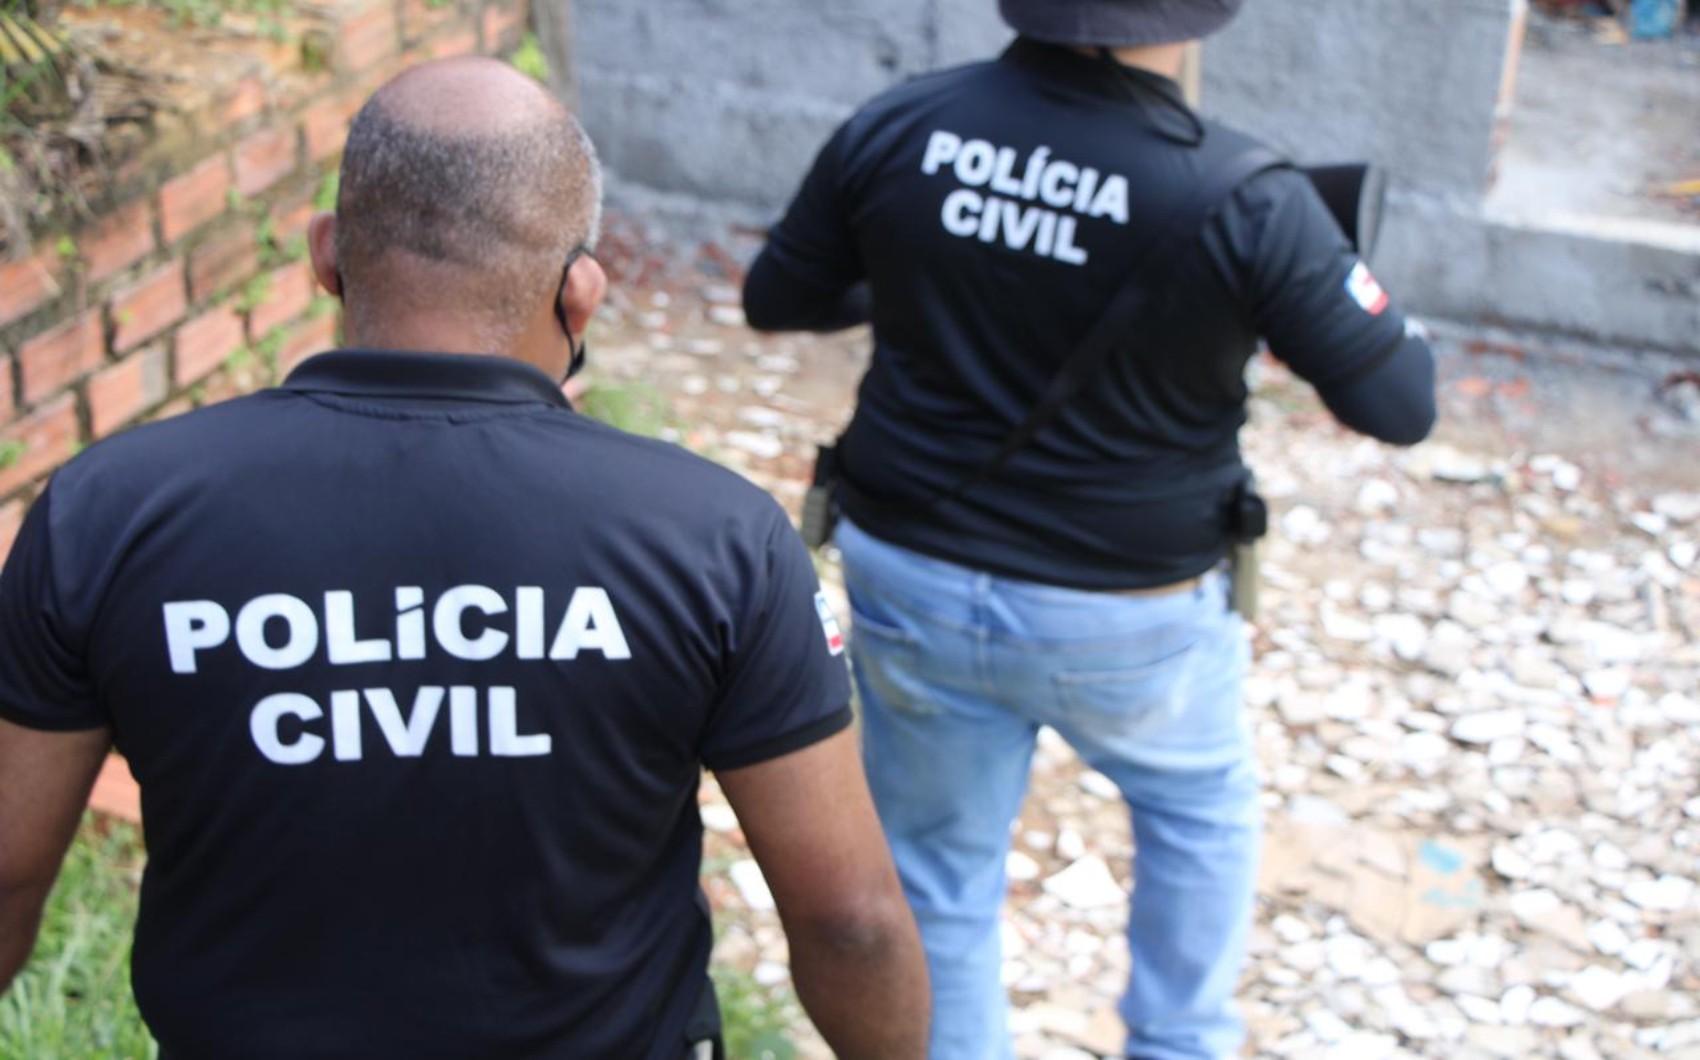 Padrasto é preso suspeito de estuprar menina de oito anos em Simões Filho; mãe da vítima flagrou o ato criminoso